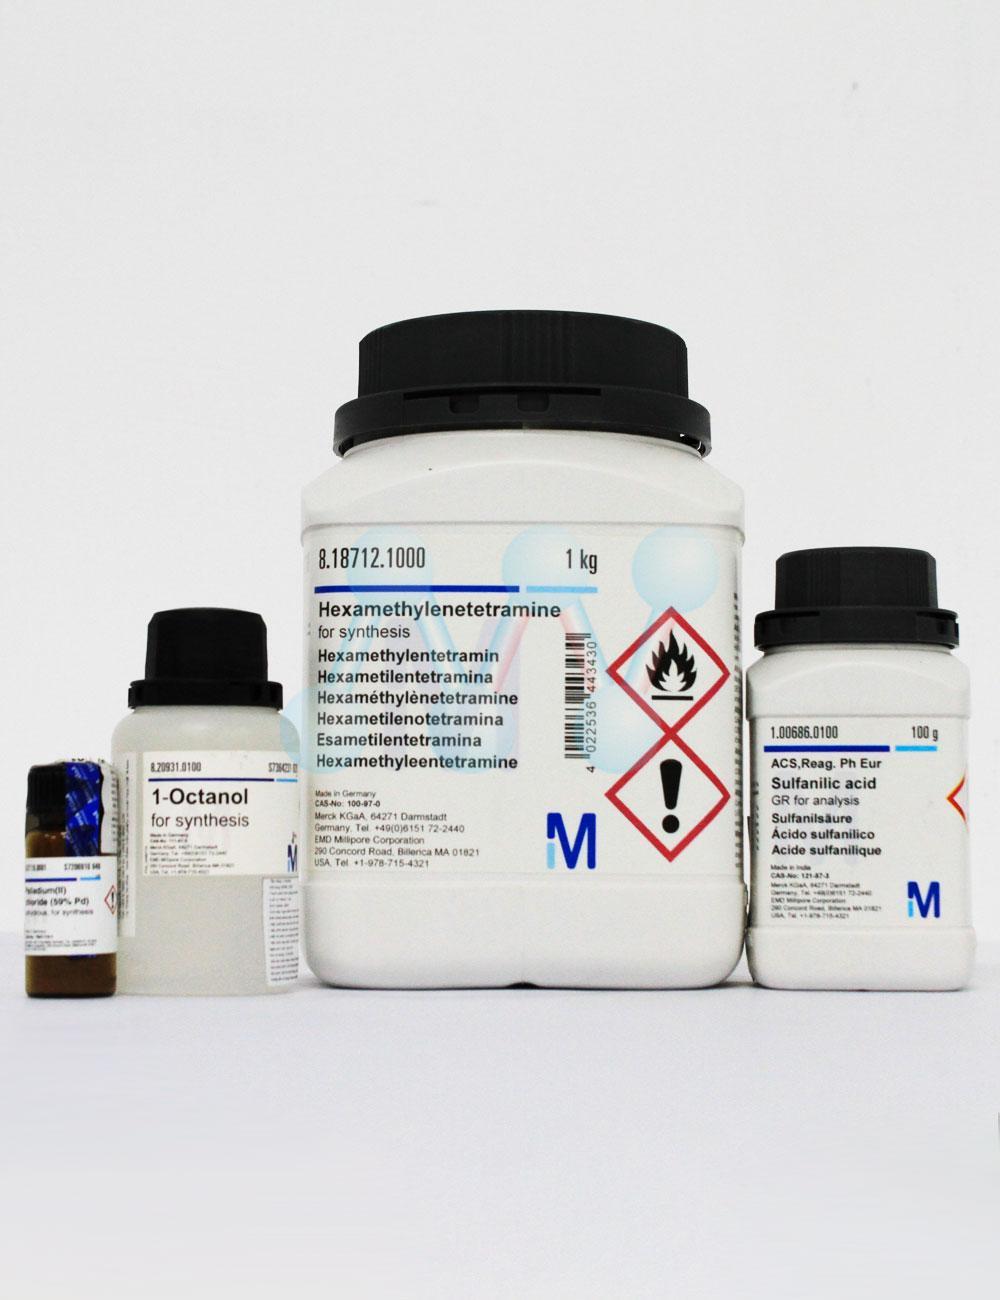 Isatoic anhydride C8H5NO3